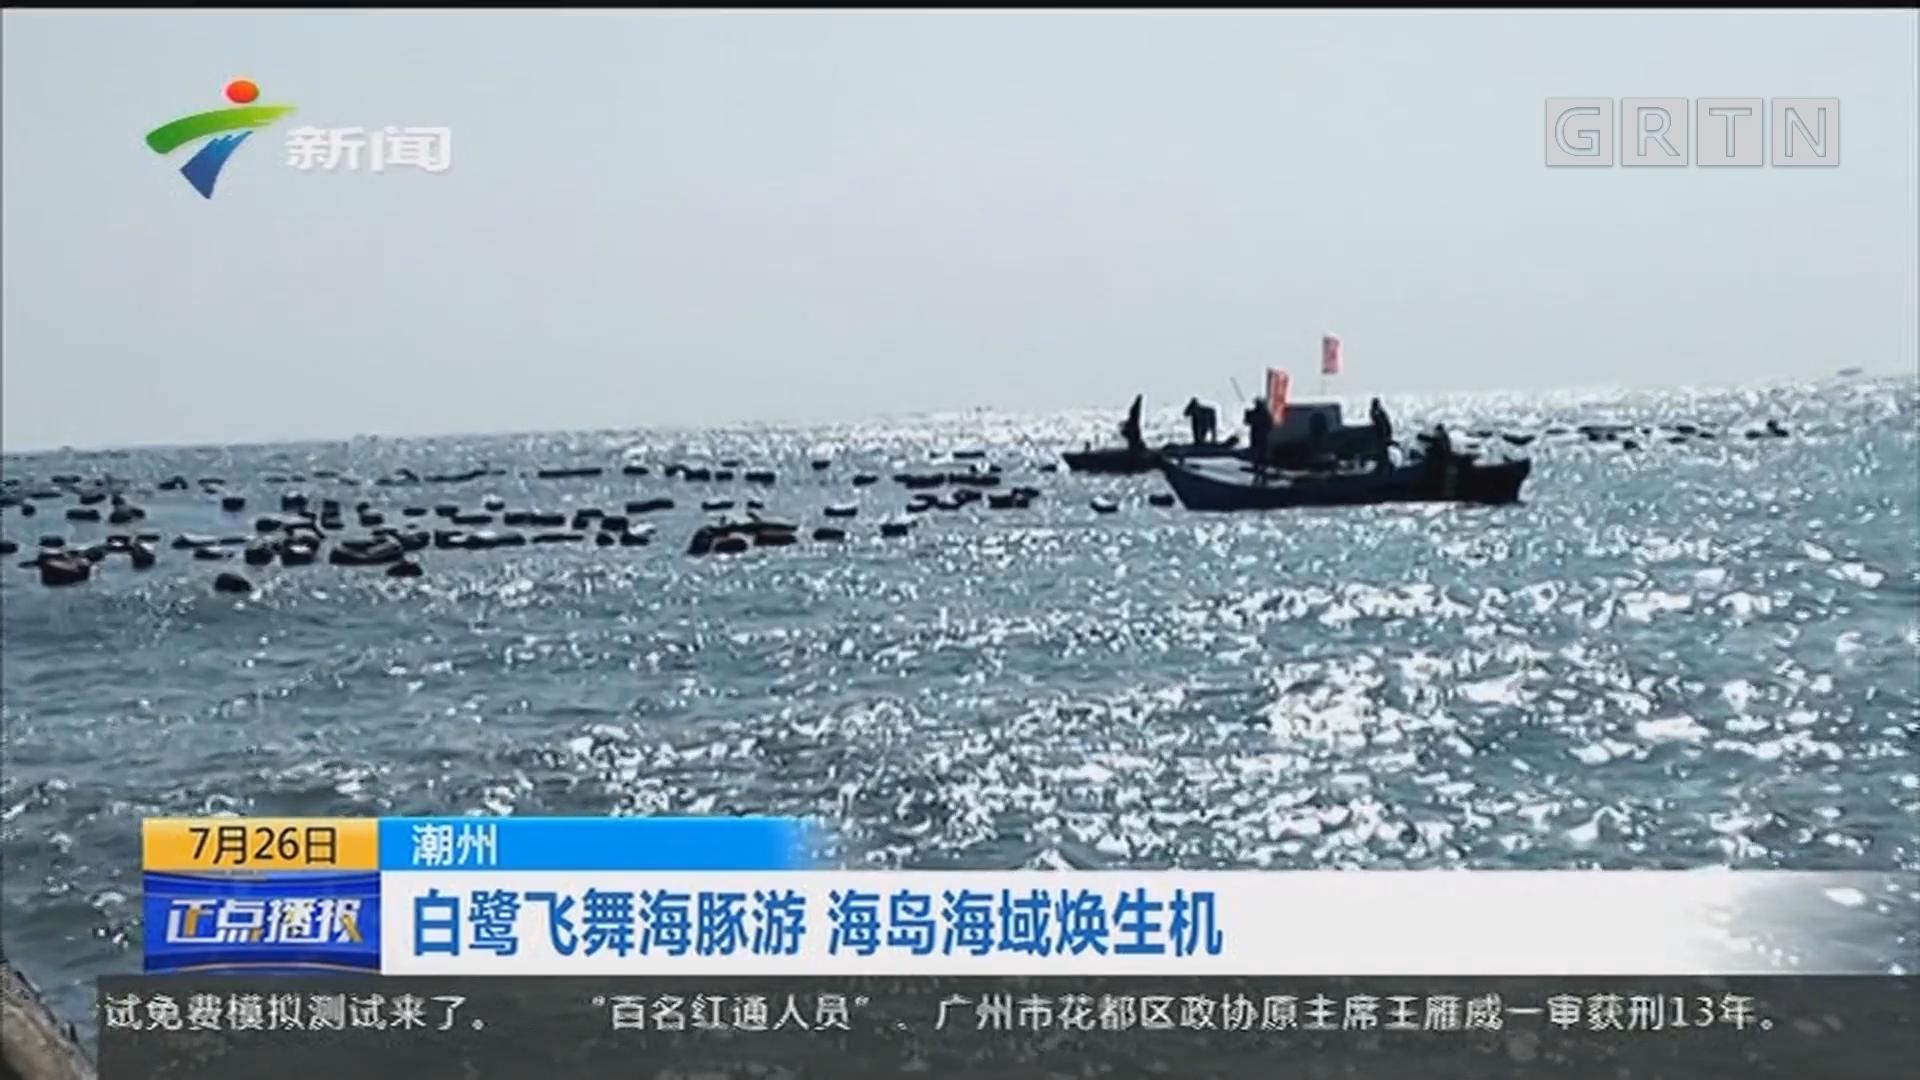 潮州:白鹭飞舞海豚游 海岛海域焕生机